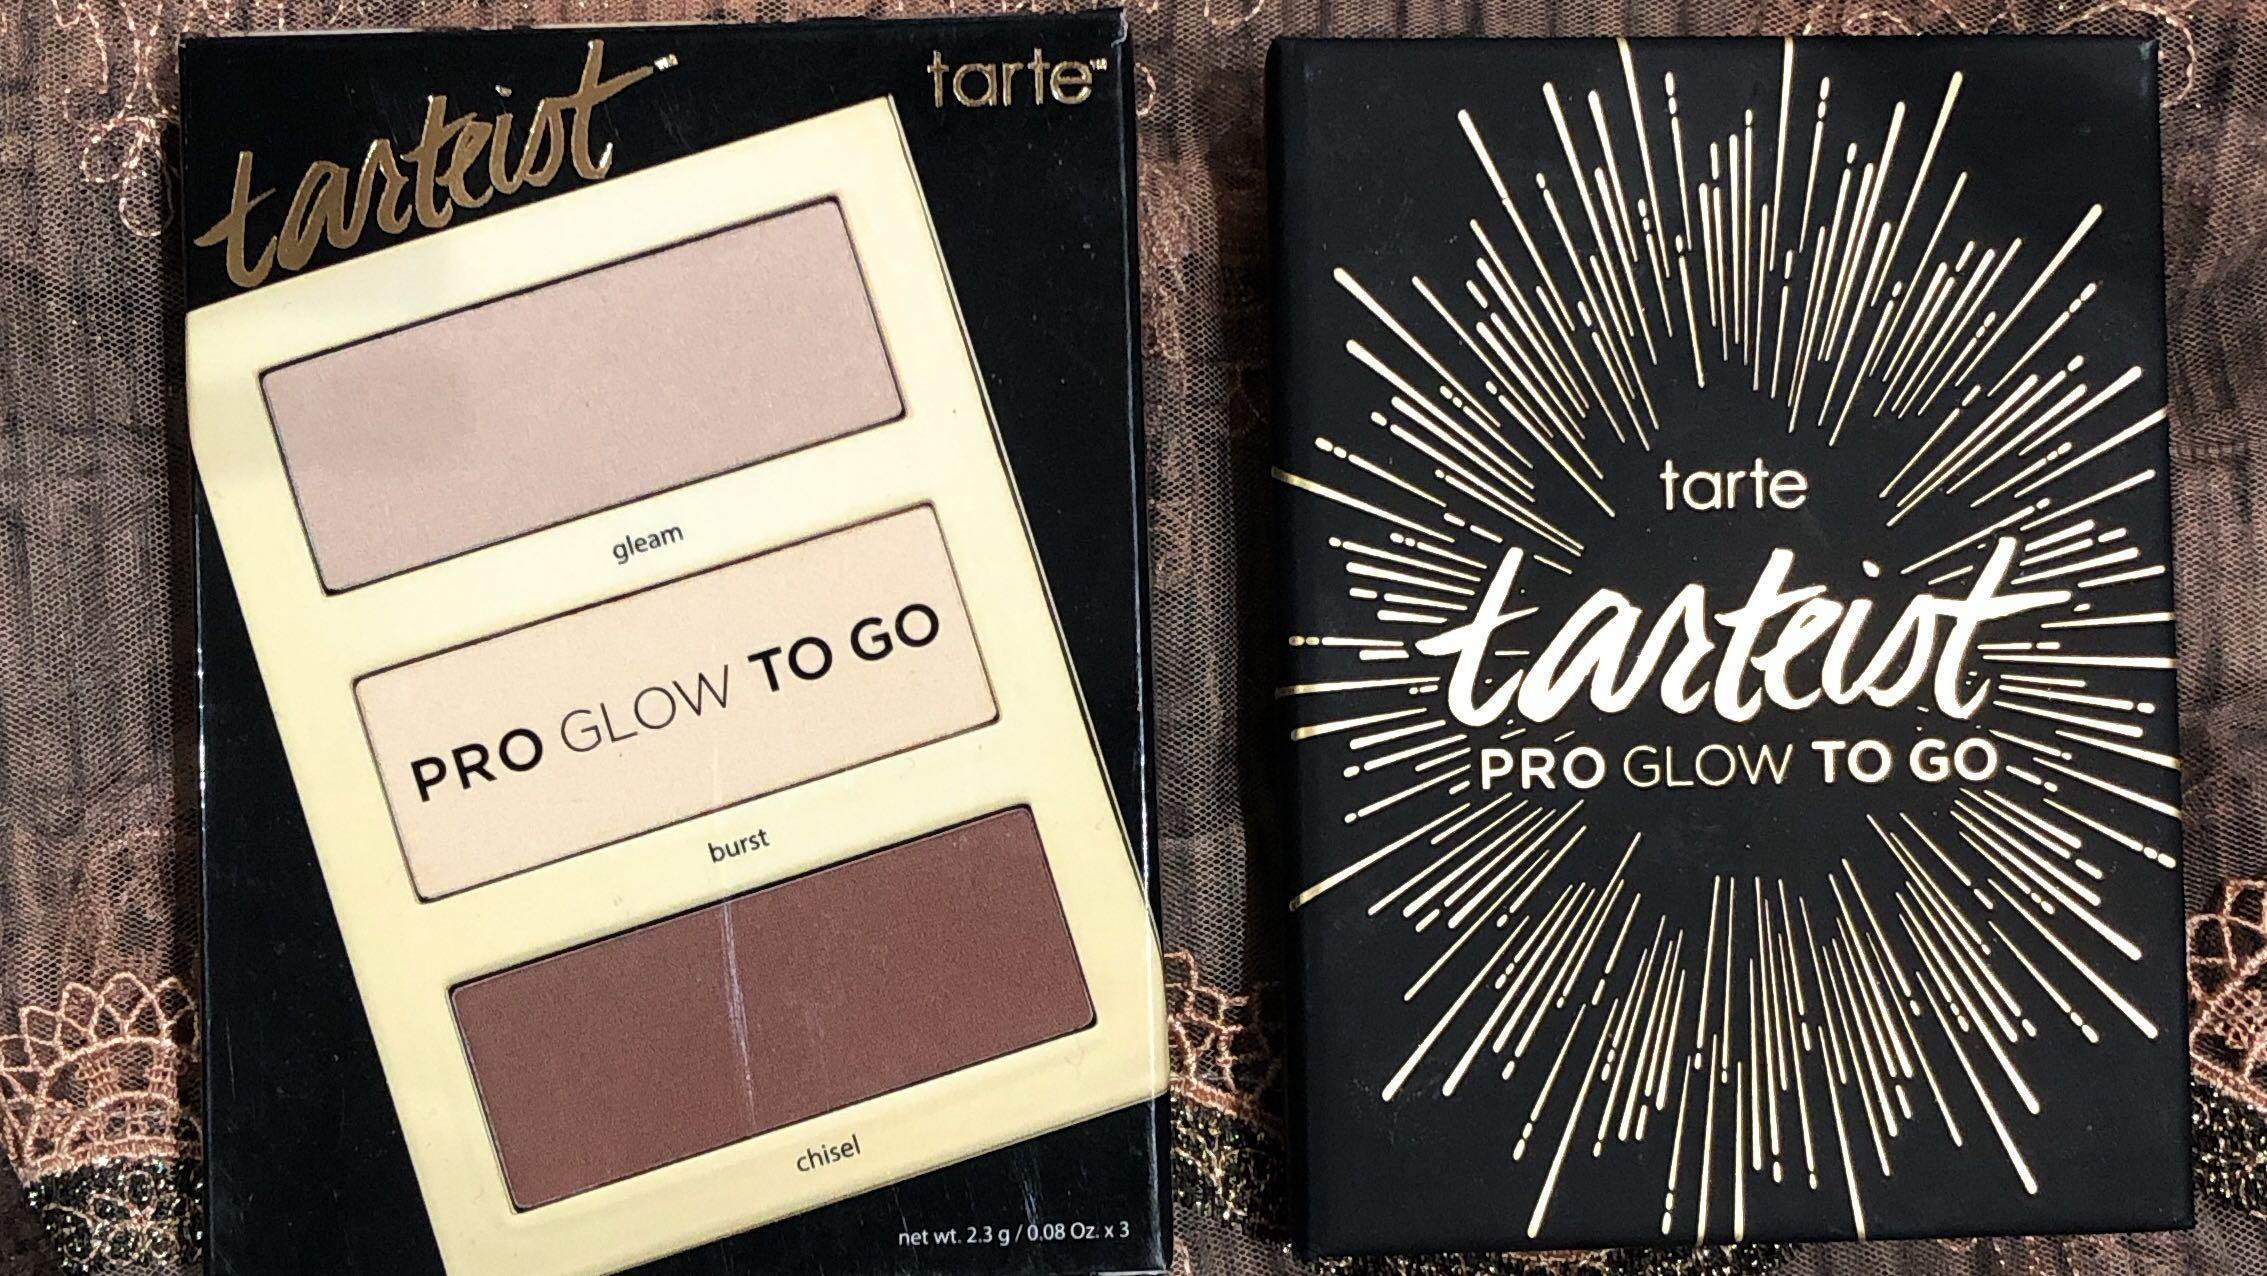 Tarte Tarteist PRO Glow to Go Highlight Contour Palette